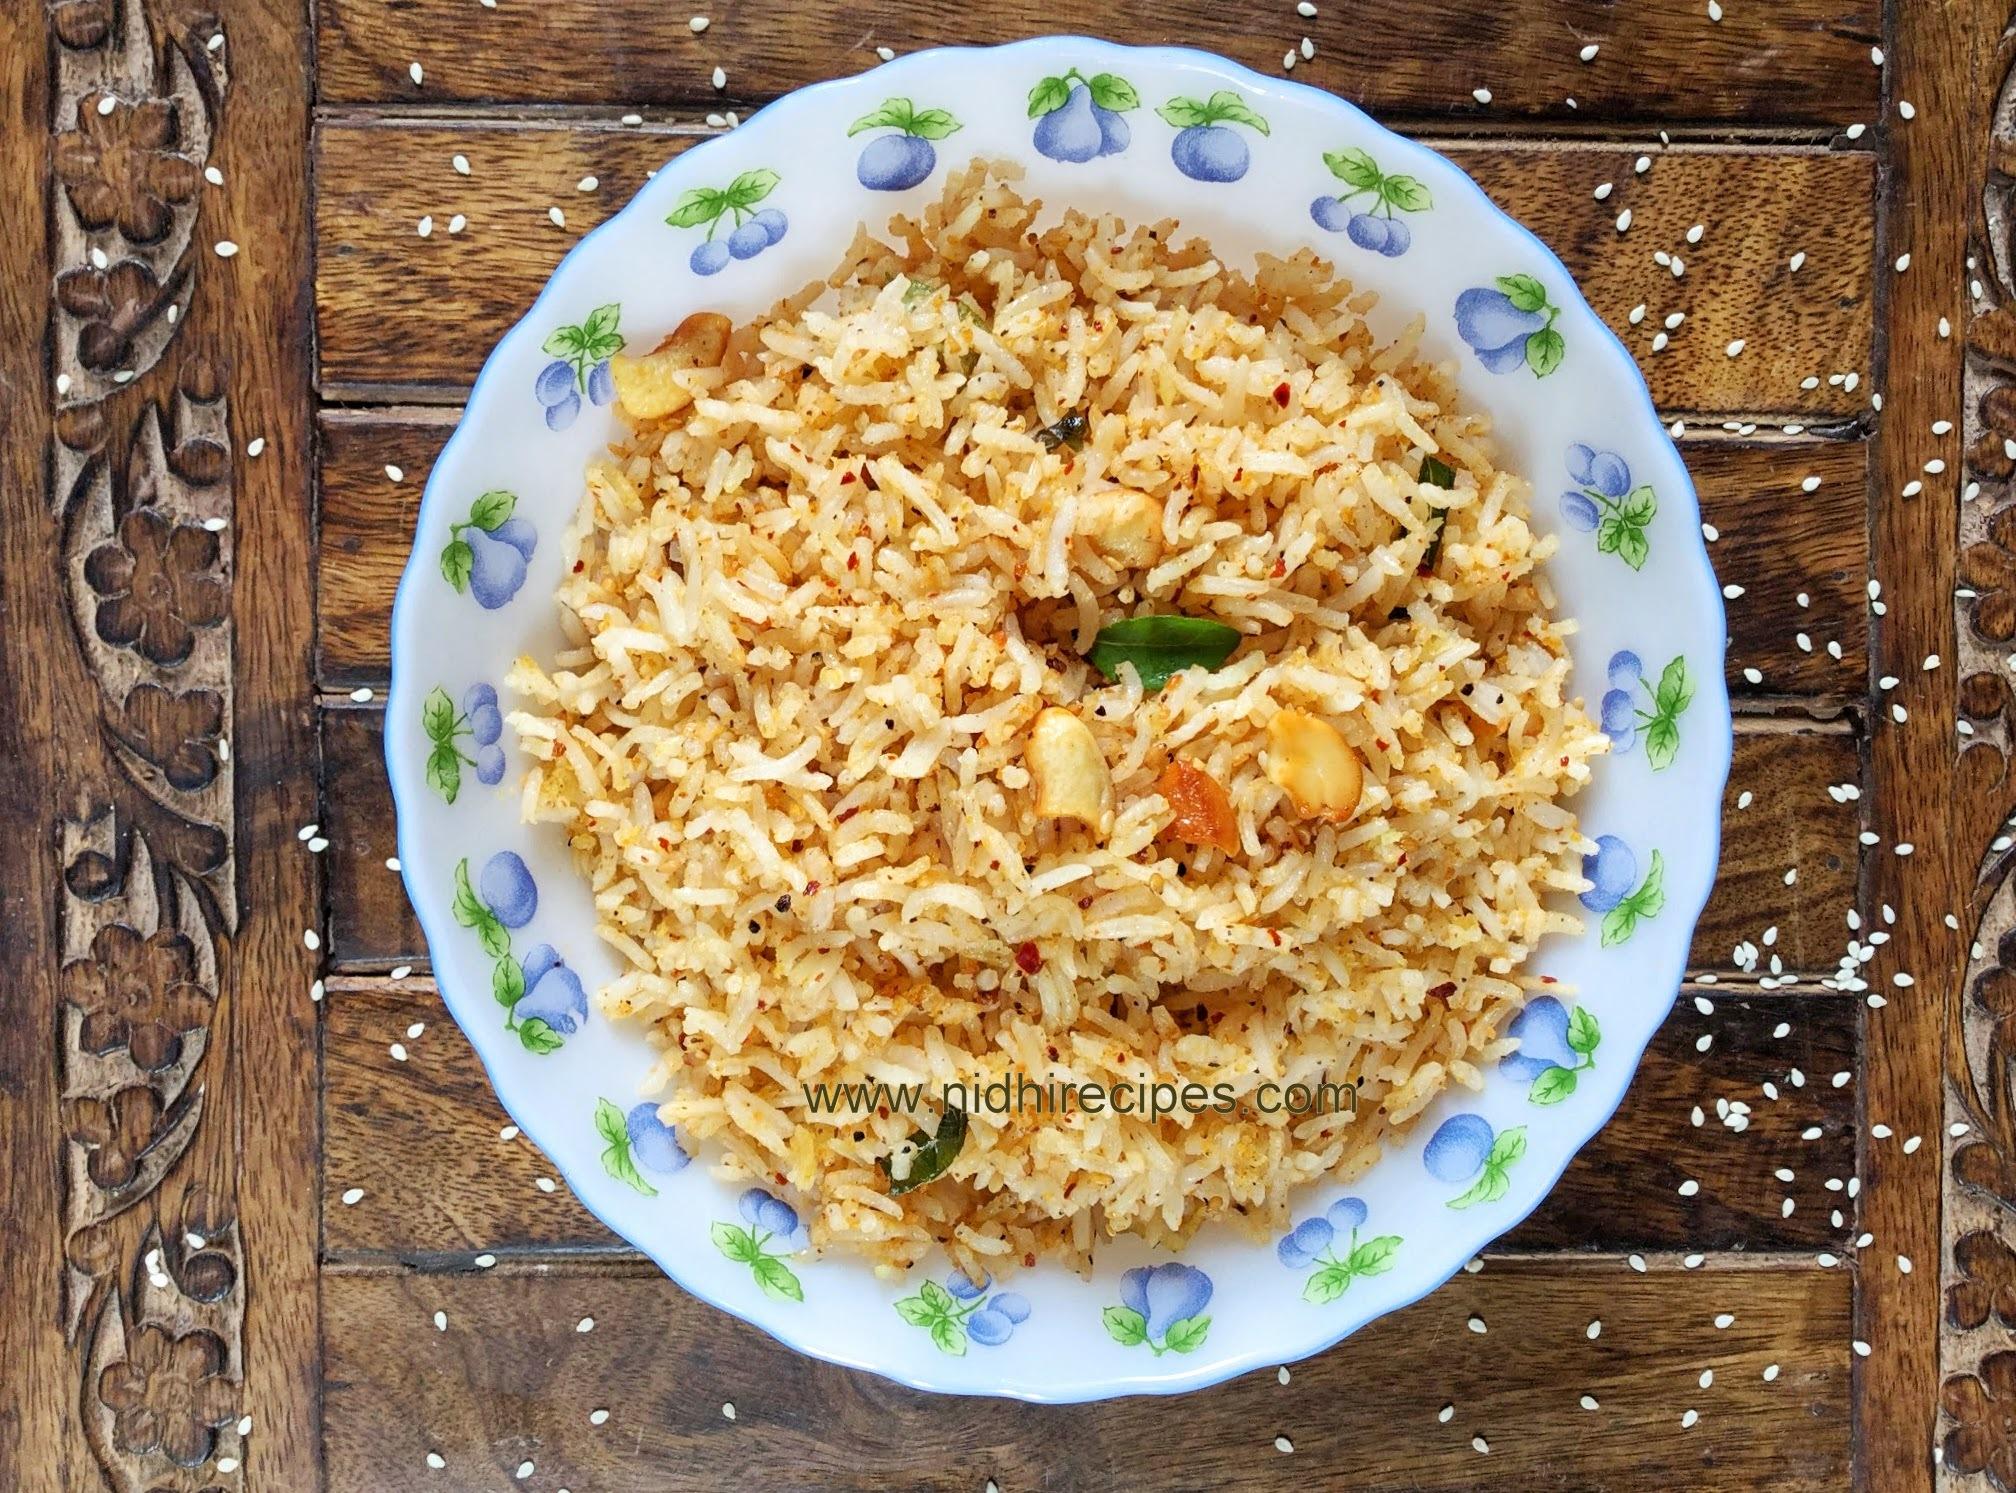 Til Rice